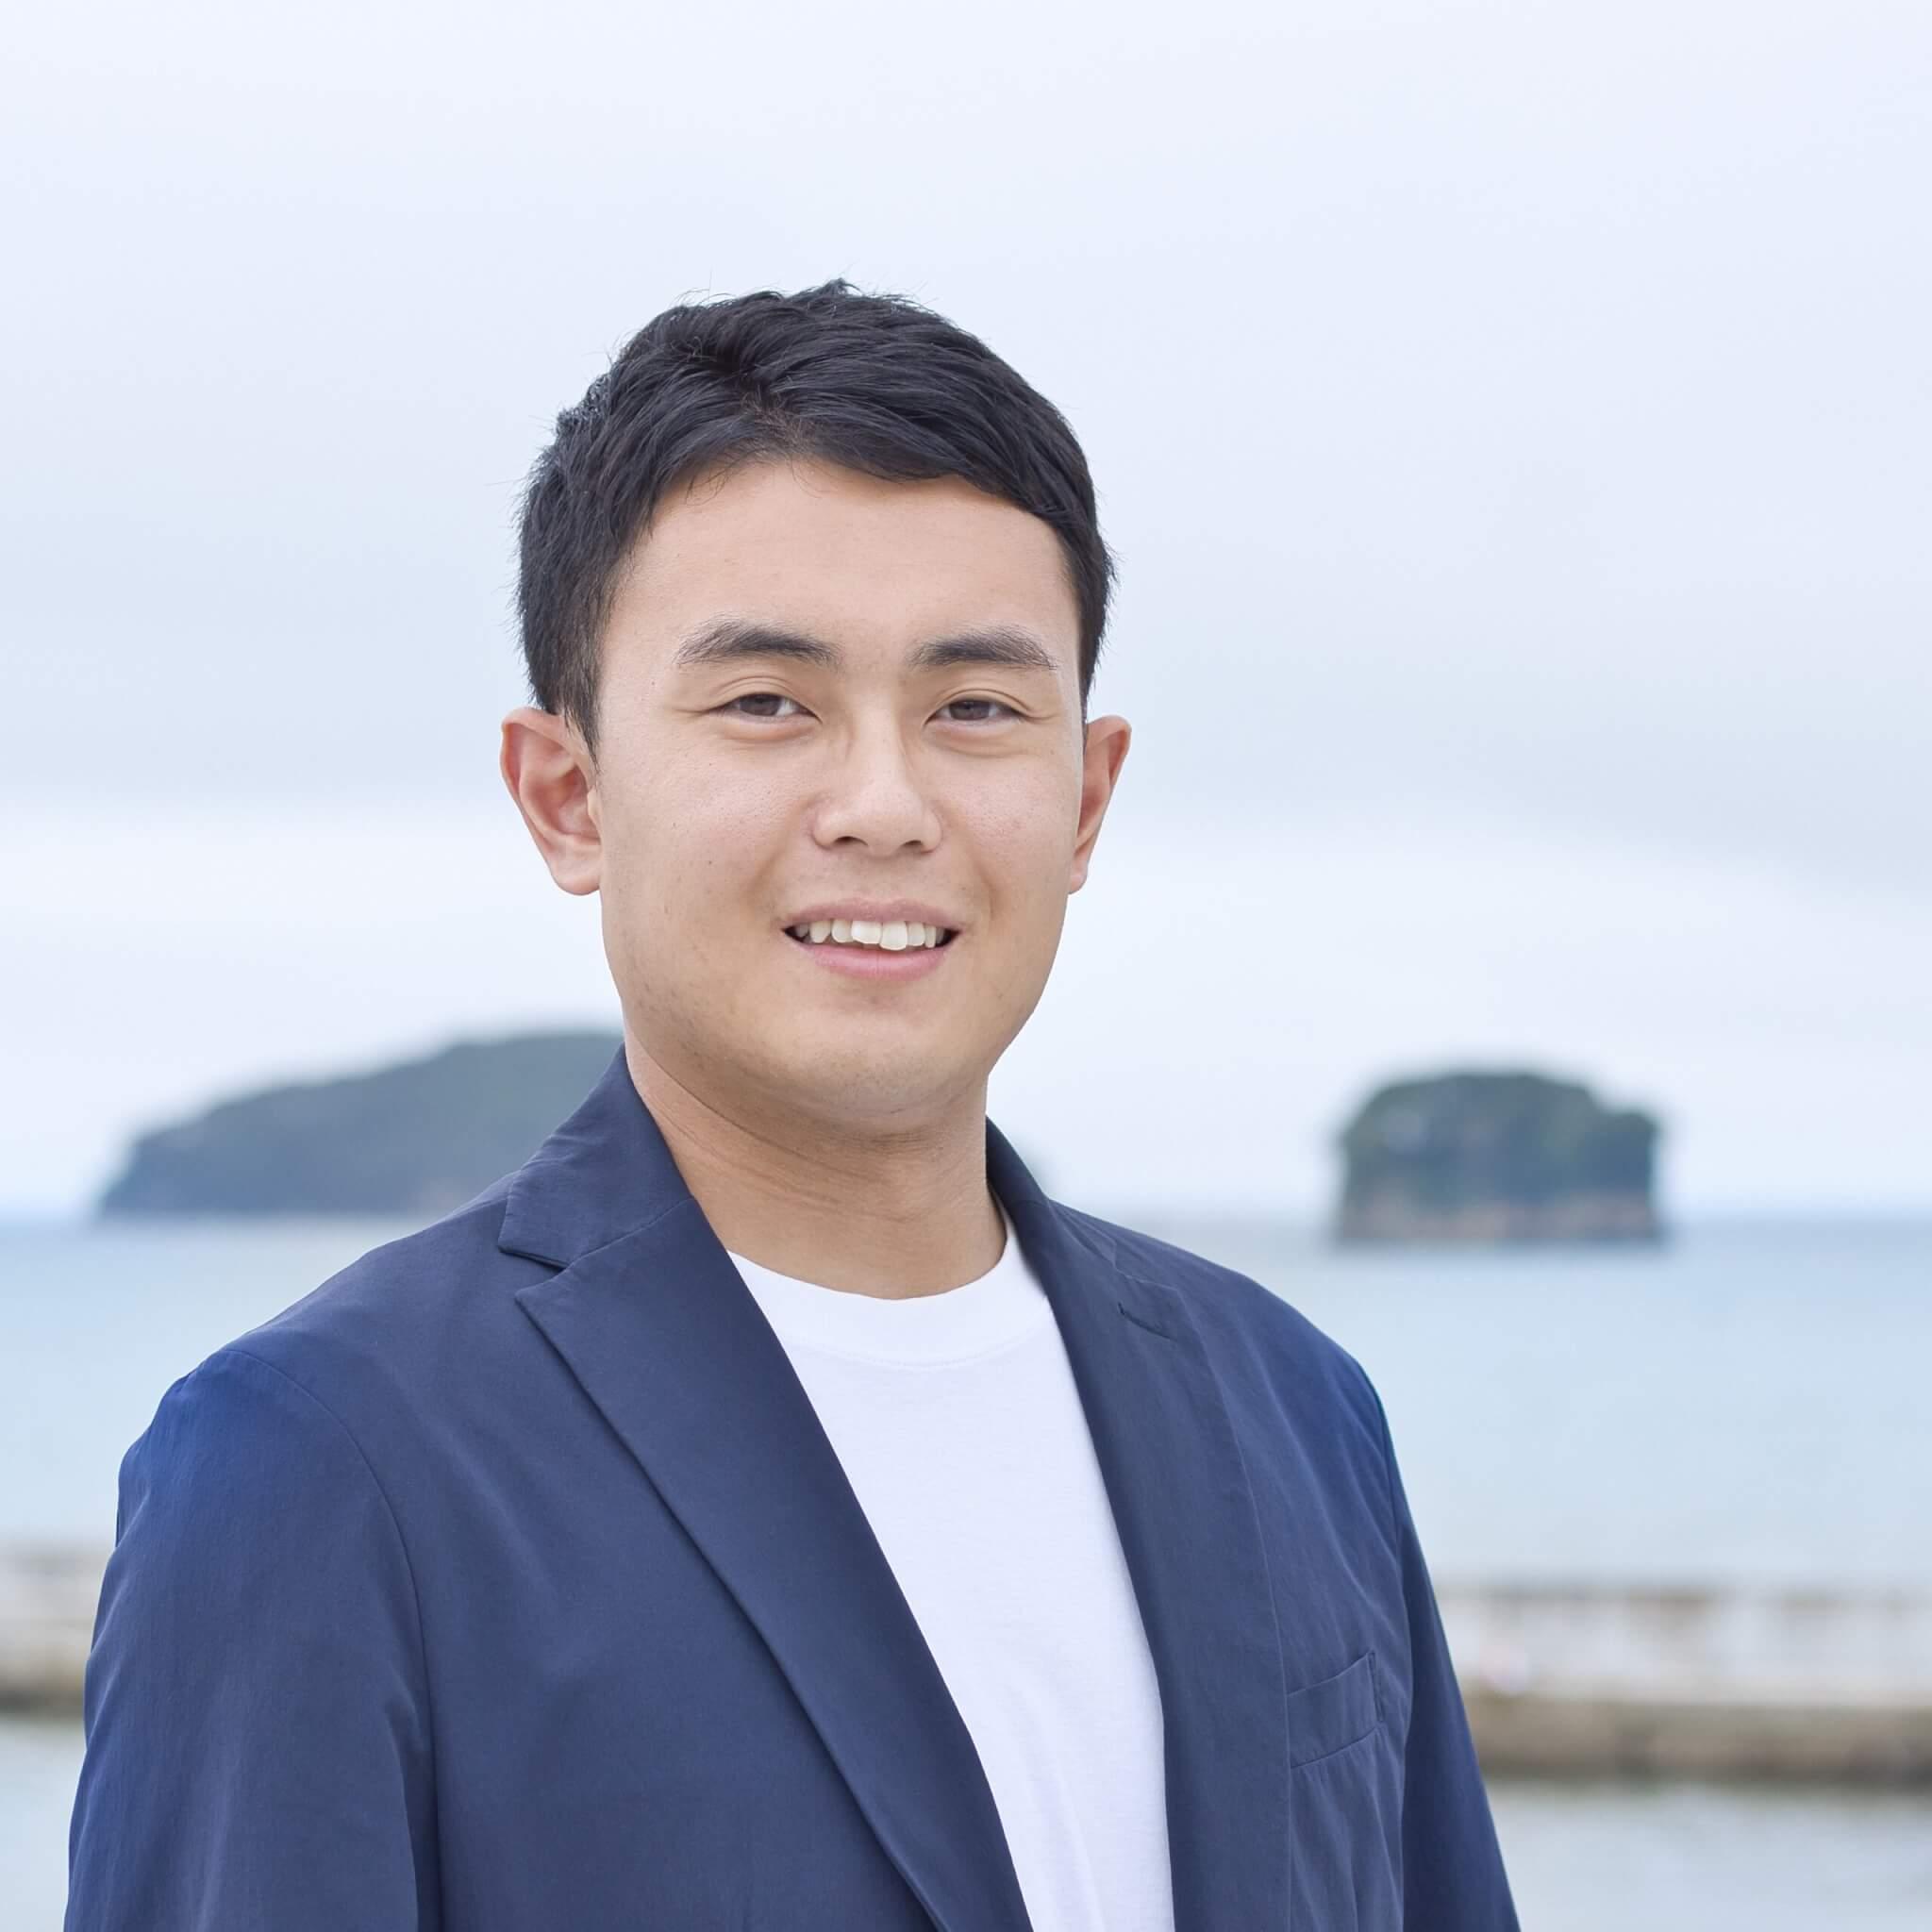 三浦貴裕氏プロフィール